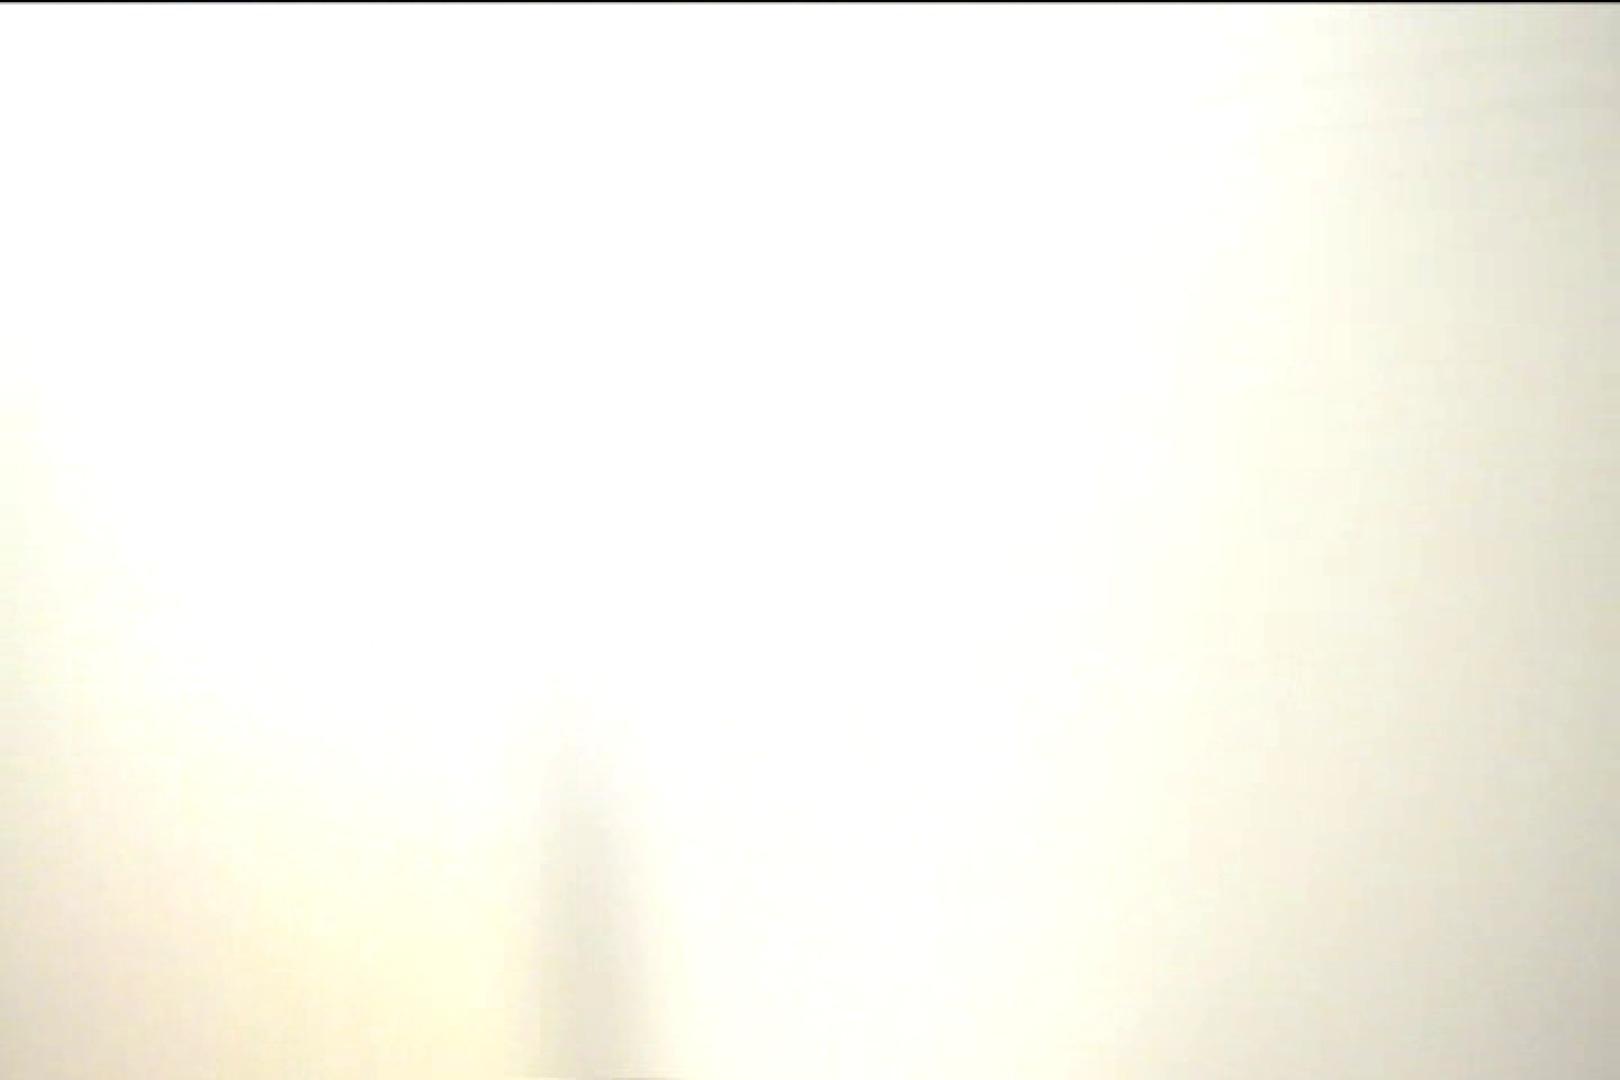 マンコ丸見え女子洗面所Vol.35 洗面所 | 丸見え  99連発 41